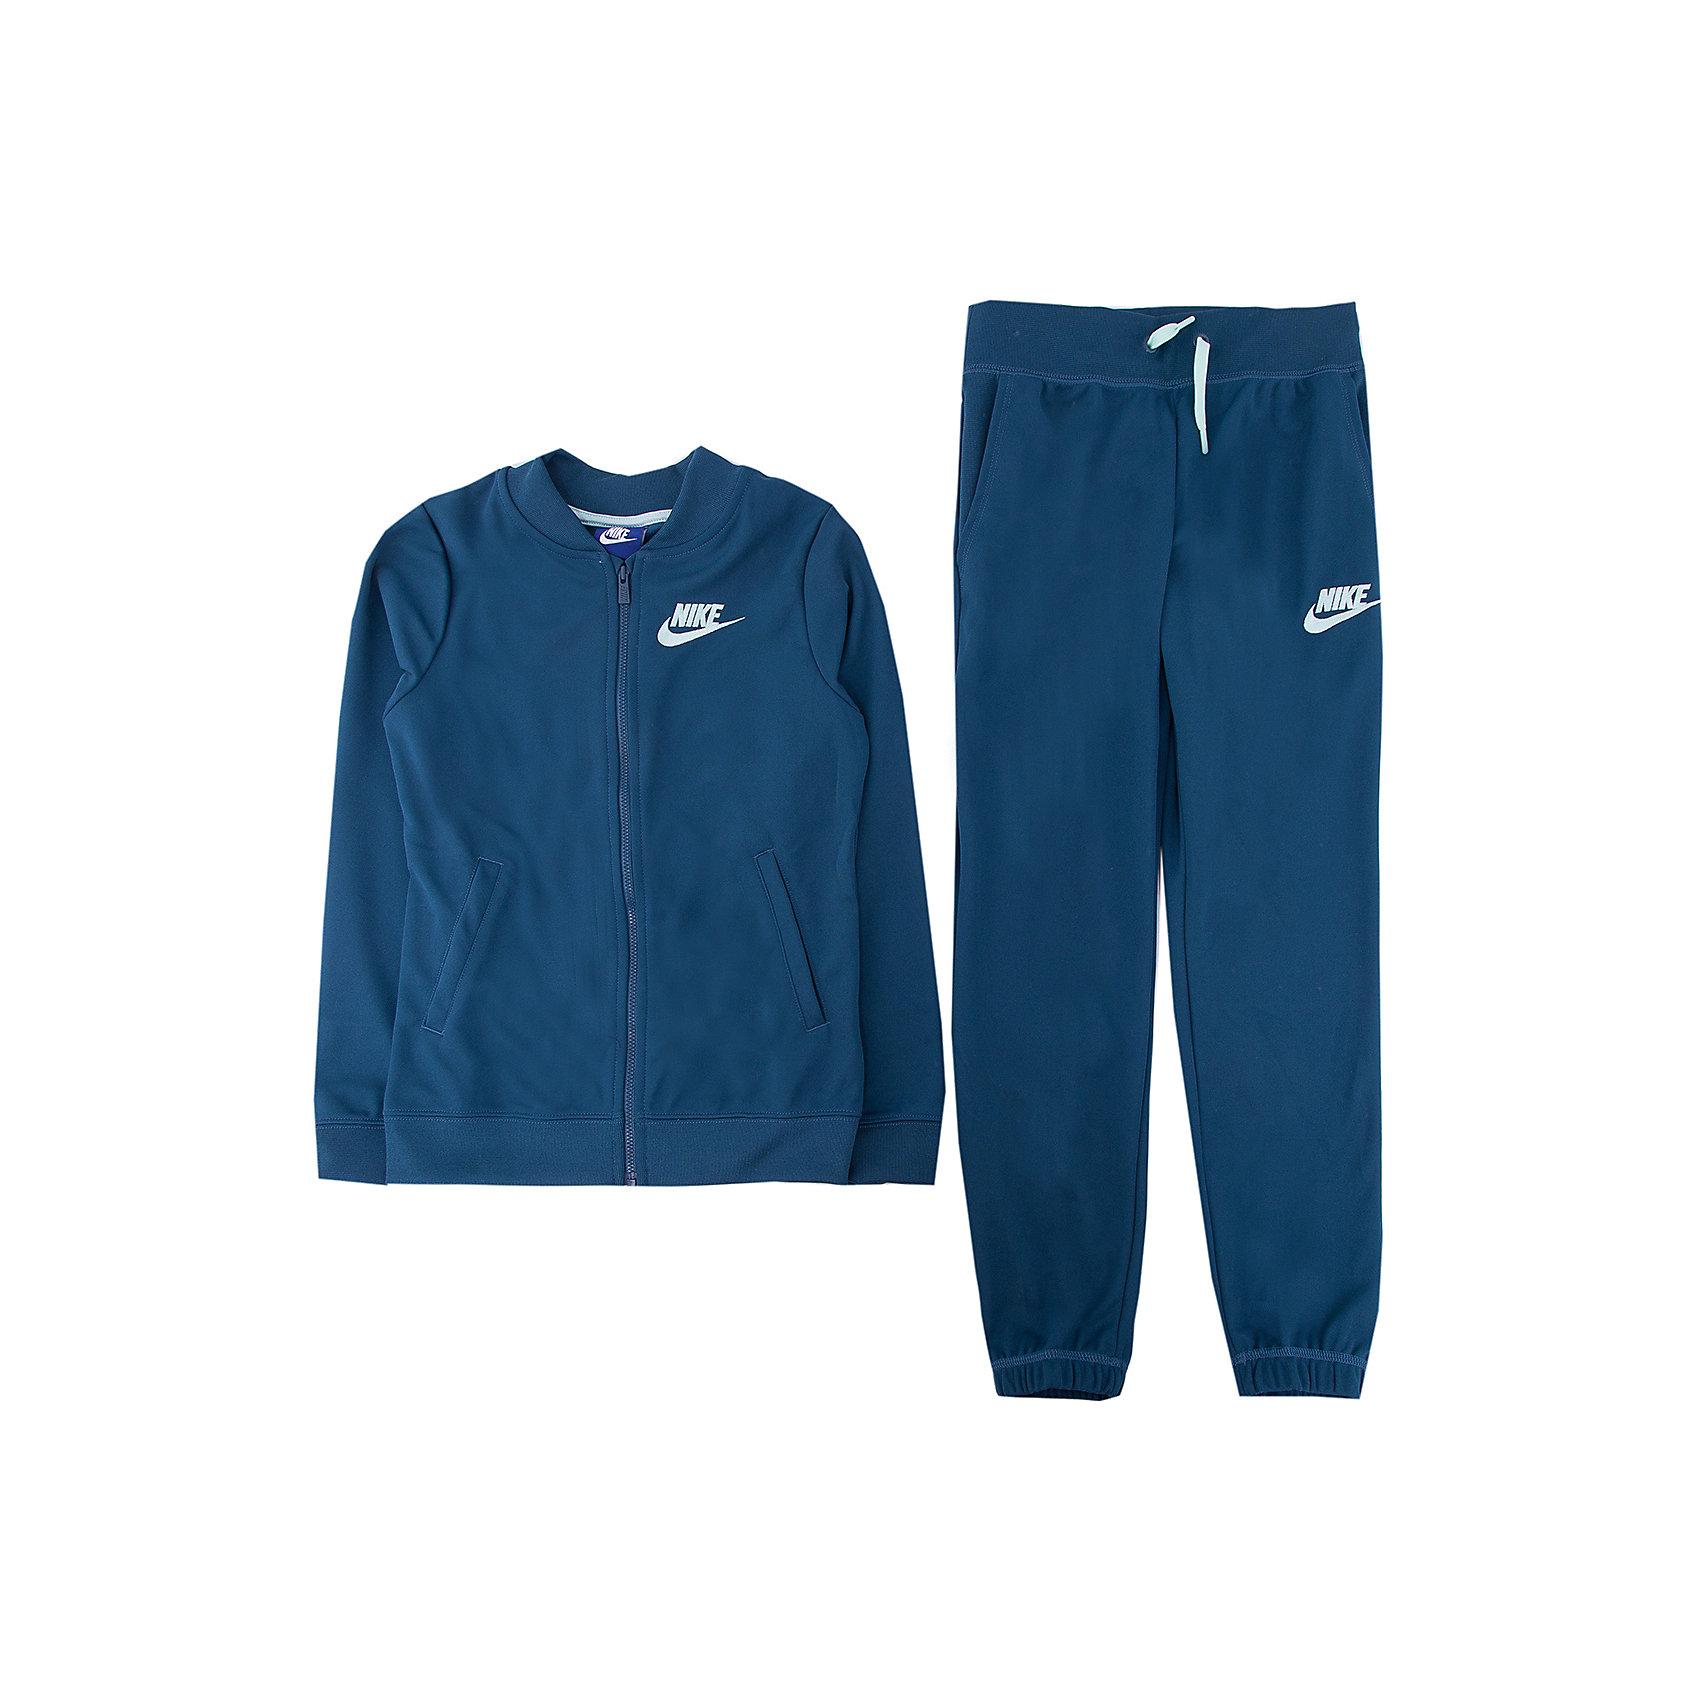 Спортивный костюм NIKEСпортивная форма<br>Характеристики товара:<br><br>• цвет: синий<br>• комплектация: курточка, брюки<br>• состав ткани: 100% полиэстер <br>• длинные рукава<br>• застежка: молния<br>• пояс: резинка и шнурок<br>• особенности модели: спортивный стиль<br>• сезон: демисезон<br>• страна бренда: США<br>• страна изготовитель: Малайзия<br><br>Спортивный костюм Найк сделан из качественного легкого материала. Синий спортивный костюм Nike отлично подходит для отдыха и занятий спортом. Эта модель спортивного комплекта для детей отличается стильным продуманным дизайном. Детский спортивный костюм от Nike выполнен в красивой расцветке. <br><br>Спортивный костюм Nike (Найк) можно купить в нашем интернет-магазине.<br><br>Ширина мм: 247<br>Глубина мм: 16<br>Высота мм: 140<br>Вес г: 225<br>Цвет: зеленый<br>Возраст от месяцев: 108<br>Возраст до месяцев: 120<br>Пол: Унисекс<br>Возраст: Детский<br>Размер: 135/140,147/158,158/170,122/128,128/134<br>SKU: 7073934